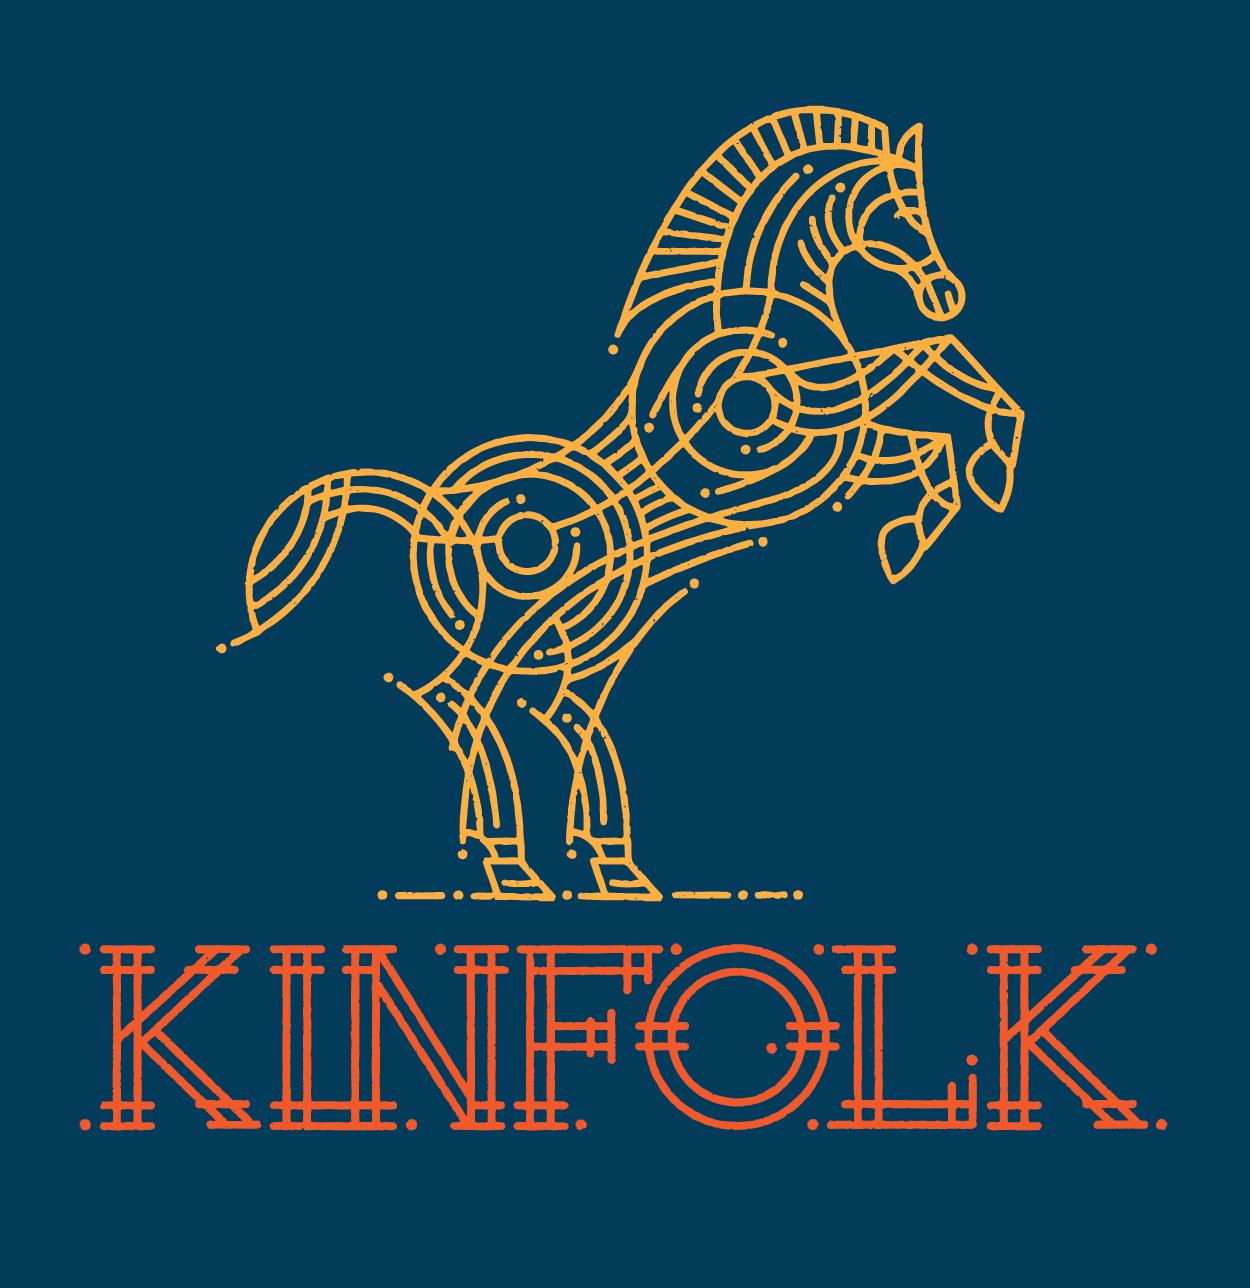 Kinfolk Brewery